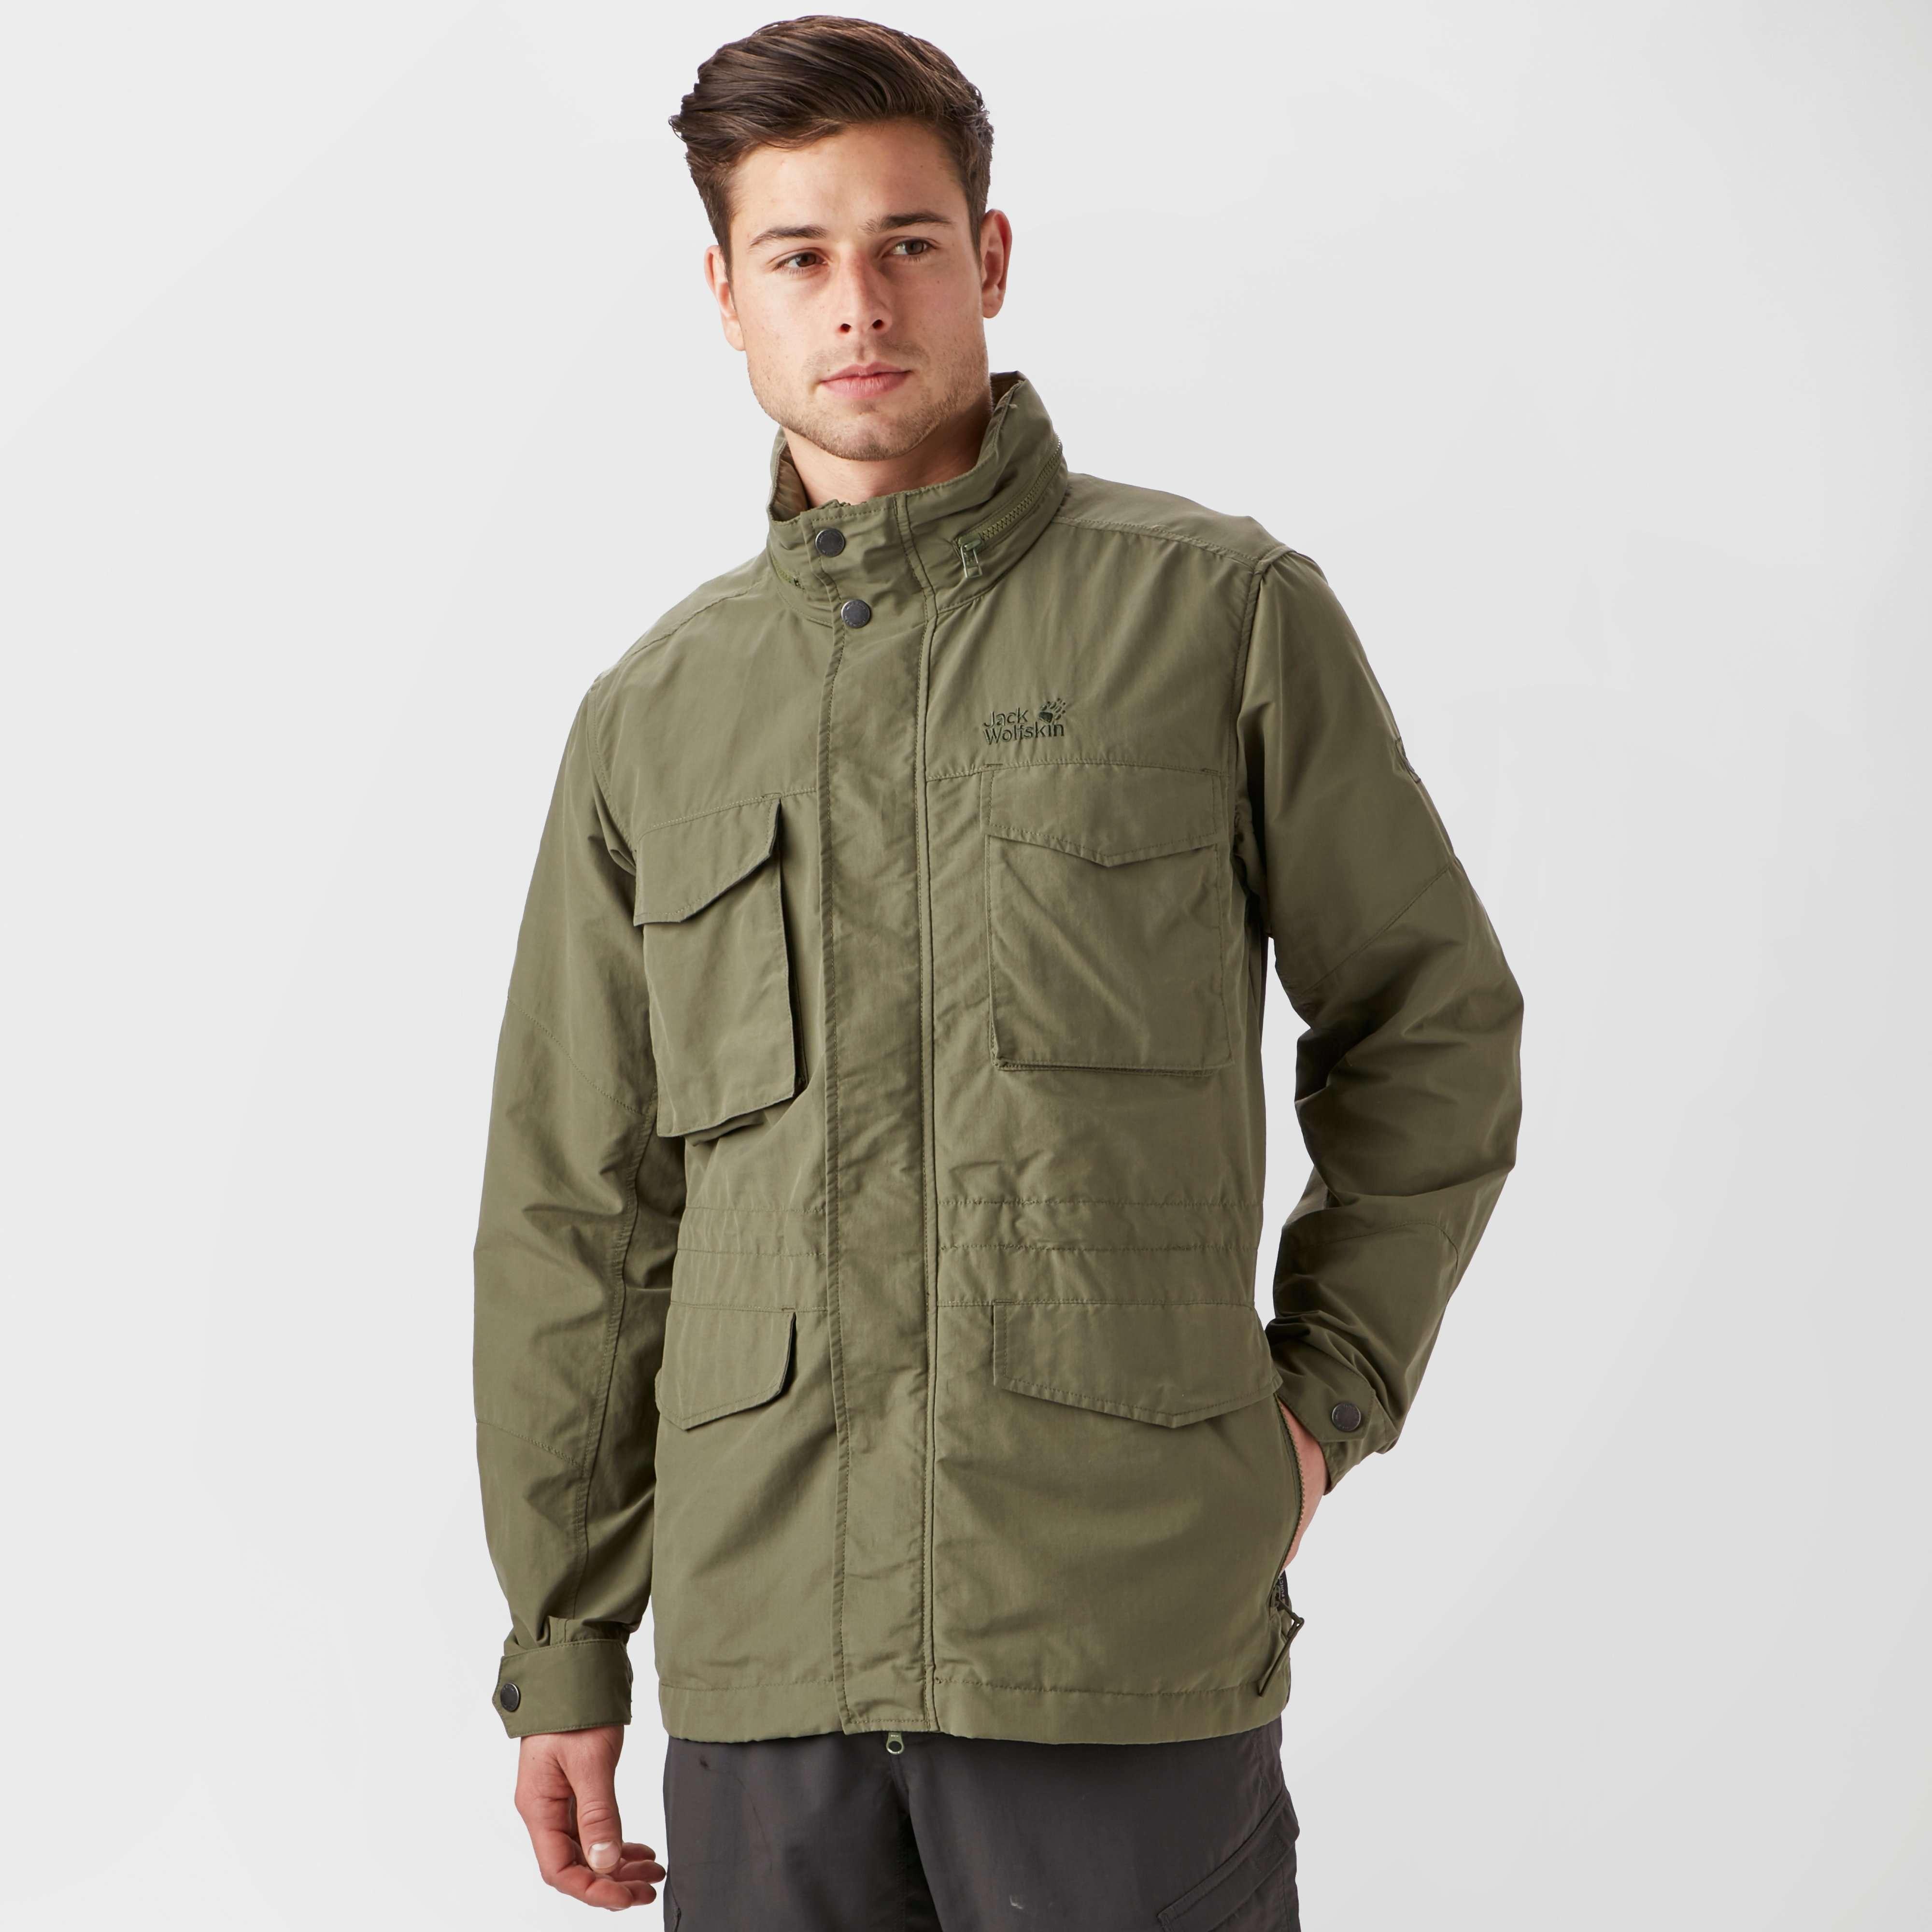 JACK WOLFSKIN Men's Freemont Jacket